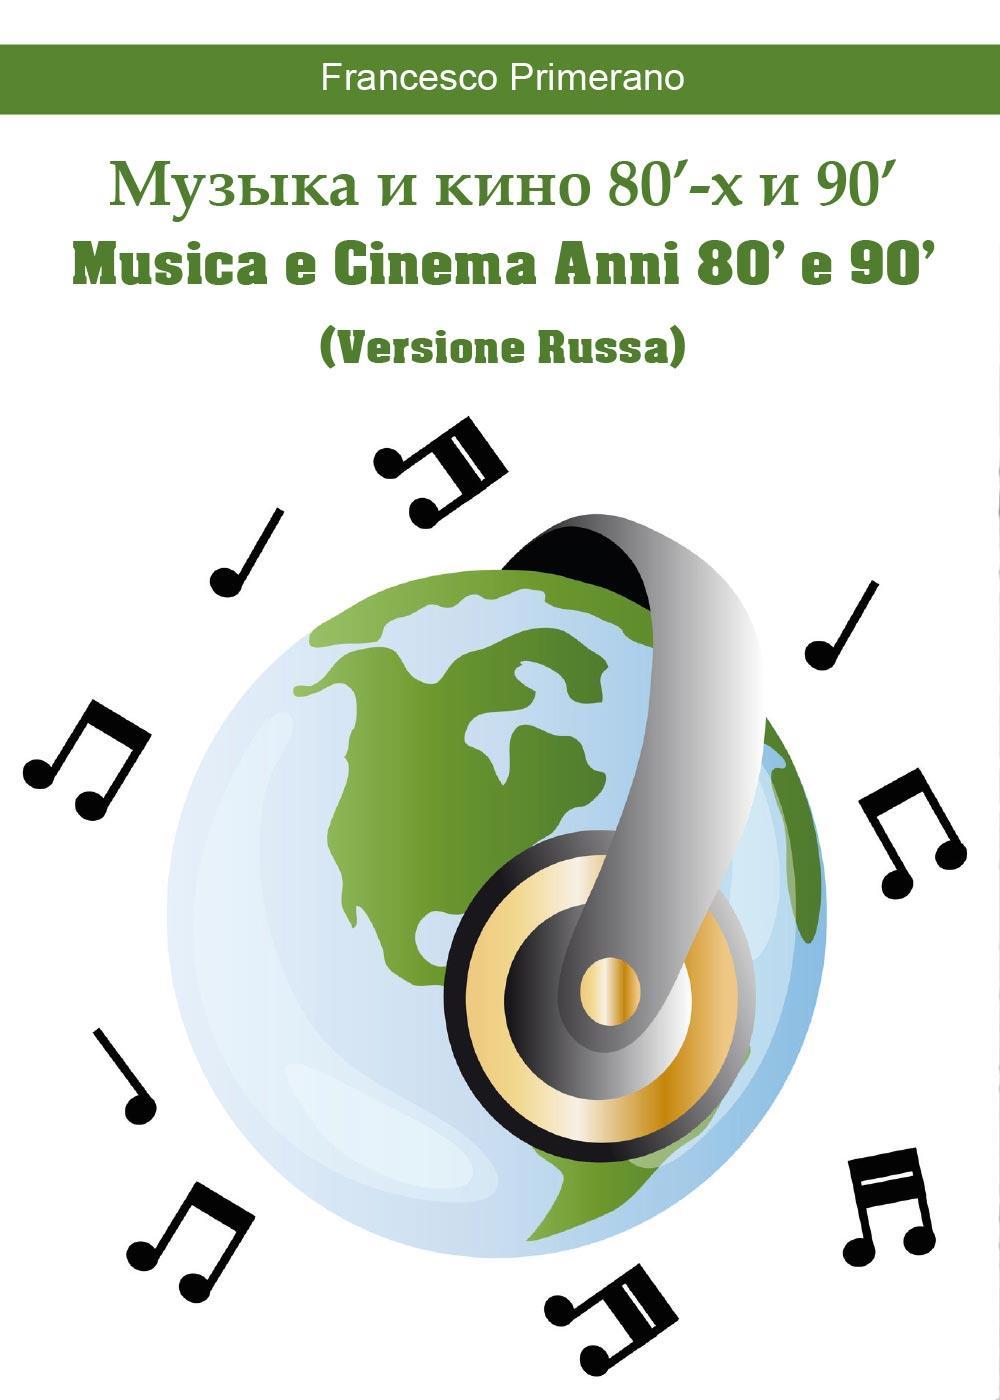 Musica e Cinema Anni 80' e 90'  (Versione Russa)